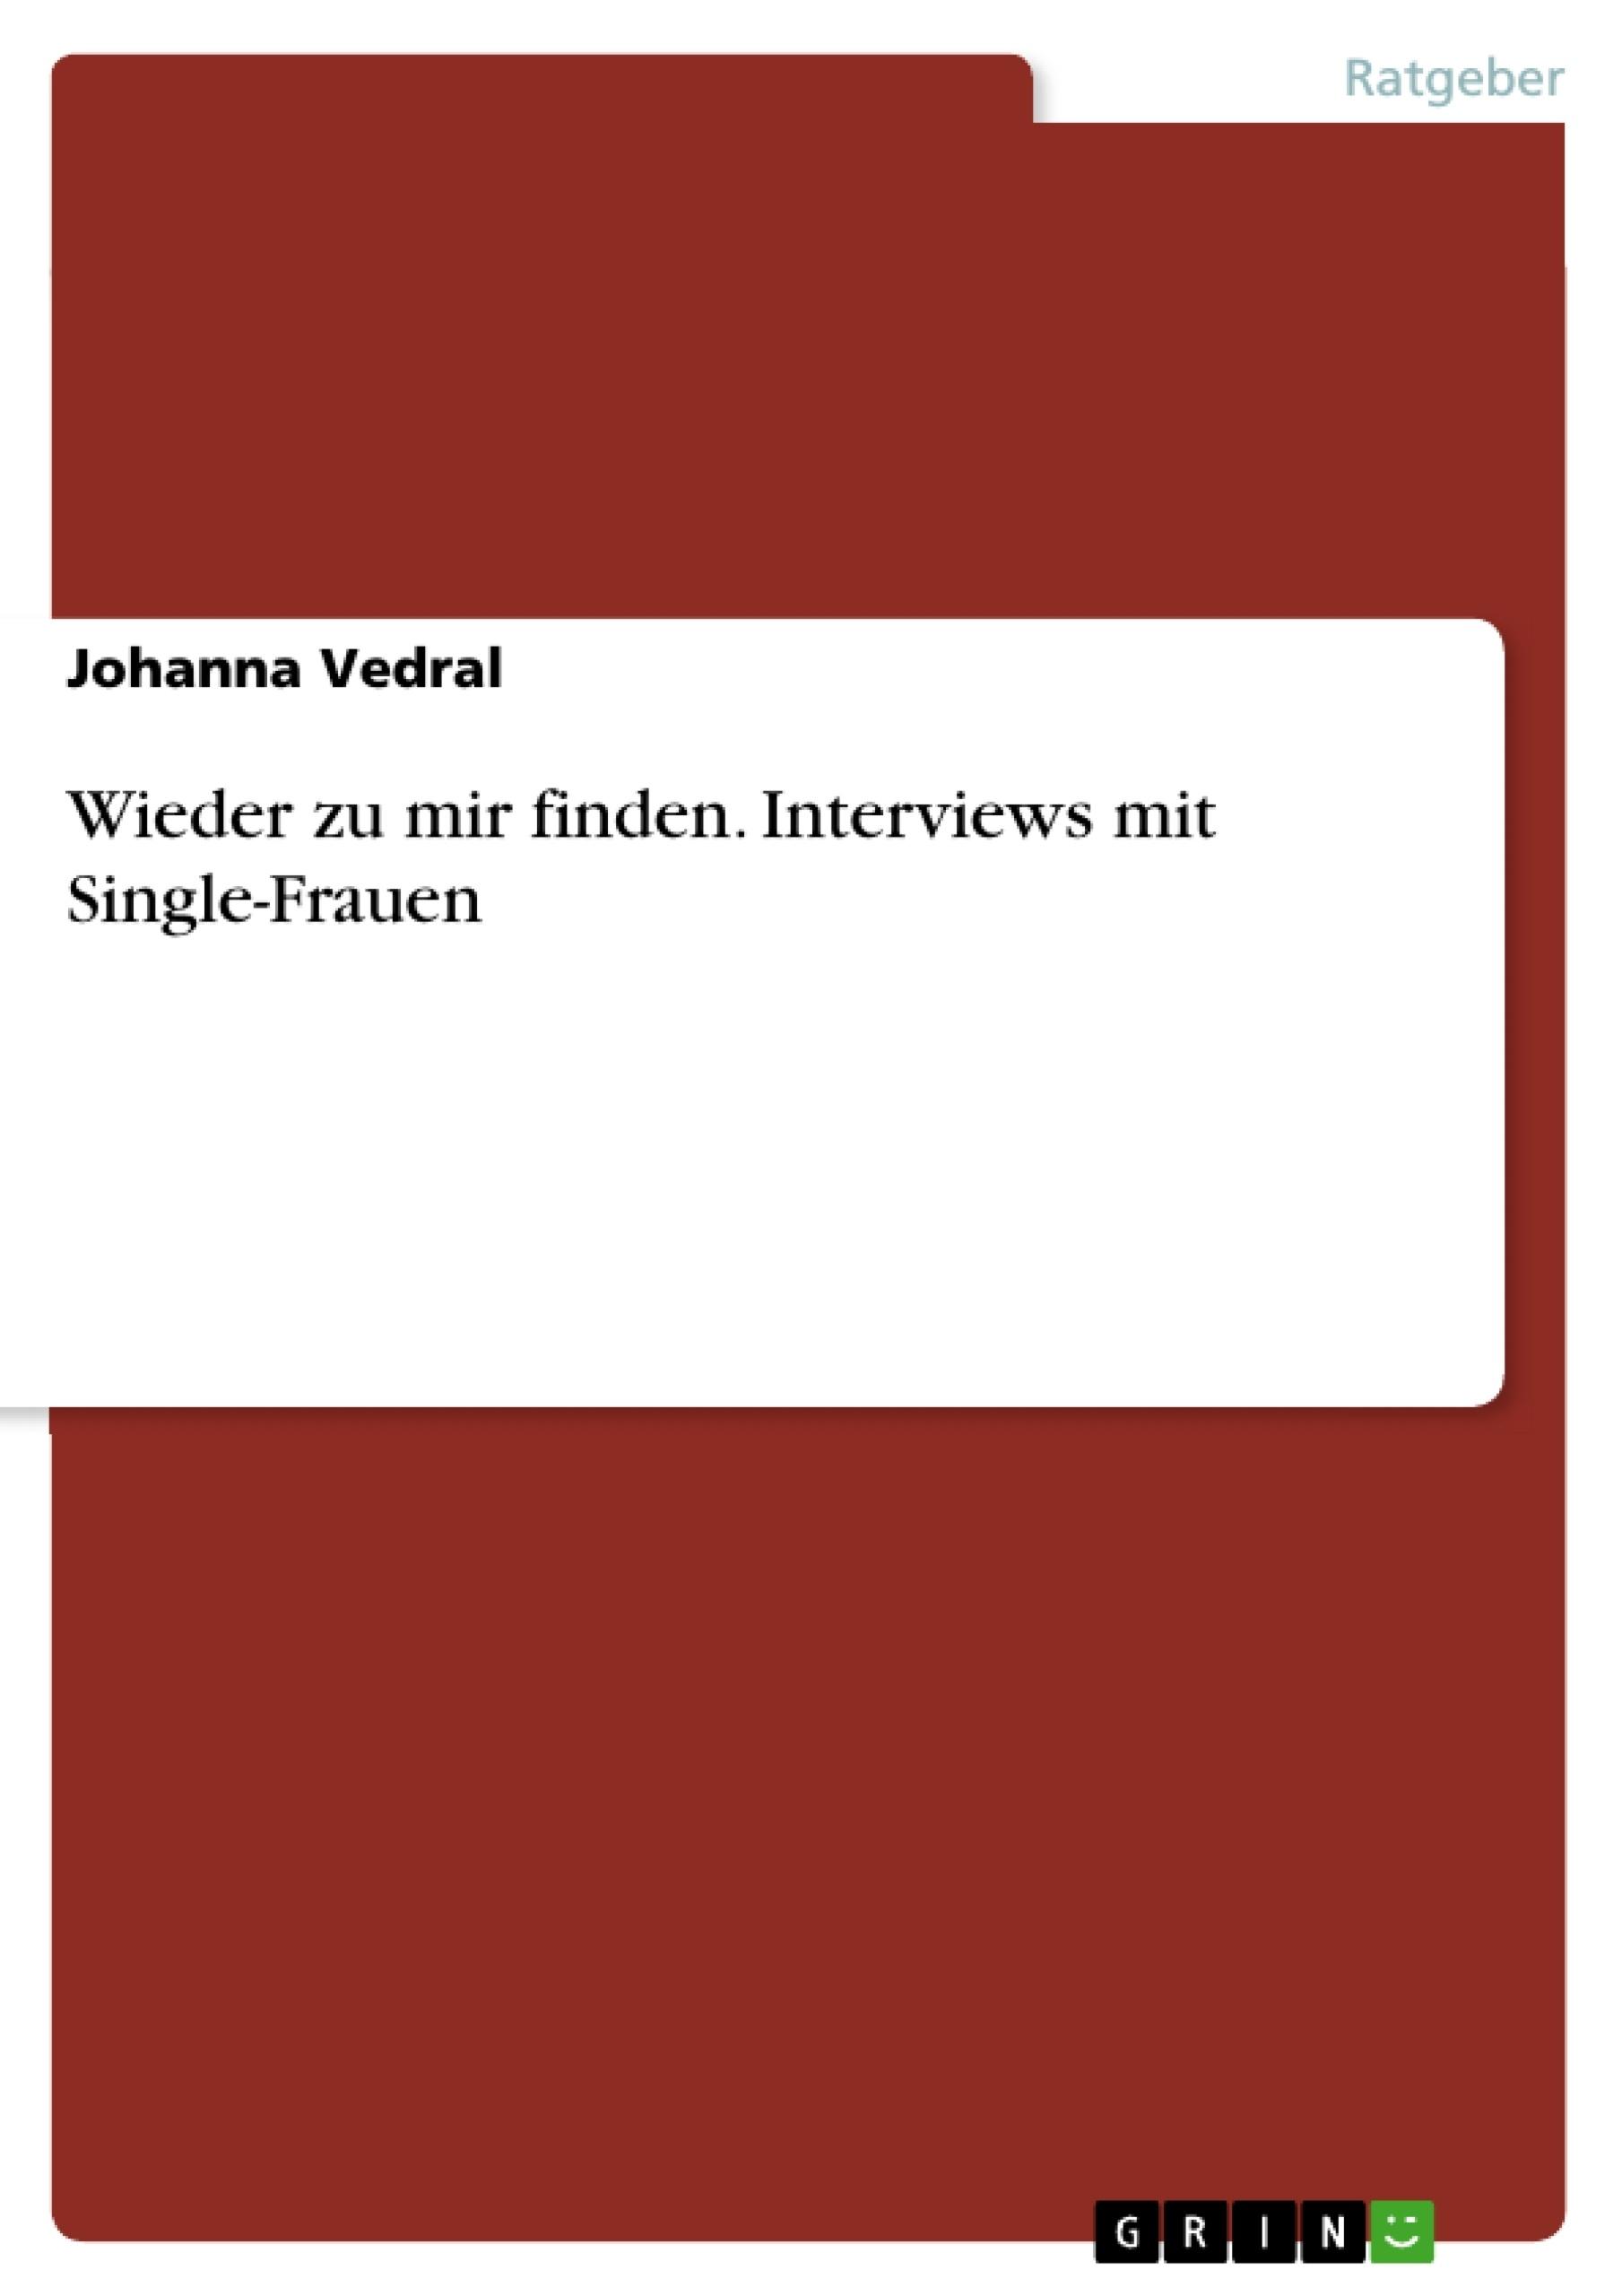 Titel: Wieder zu mir finden. Interviews mit Single-Frauen